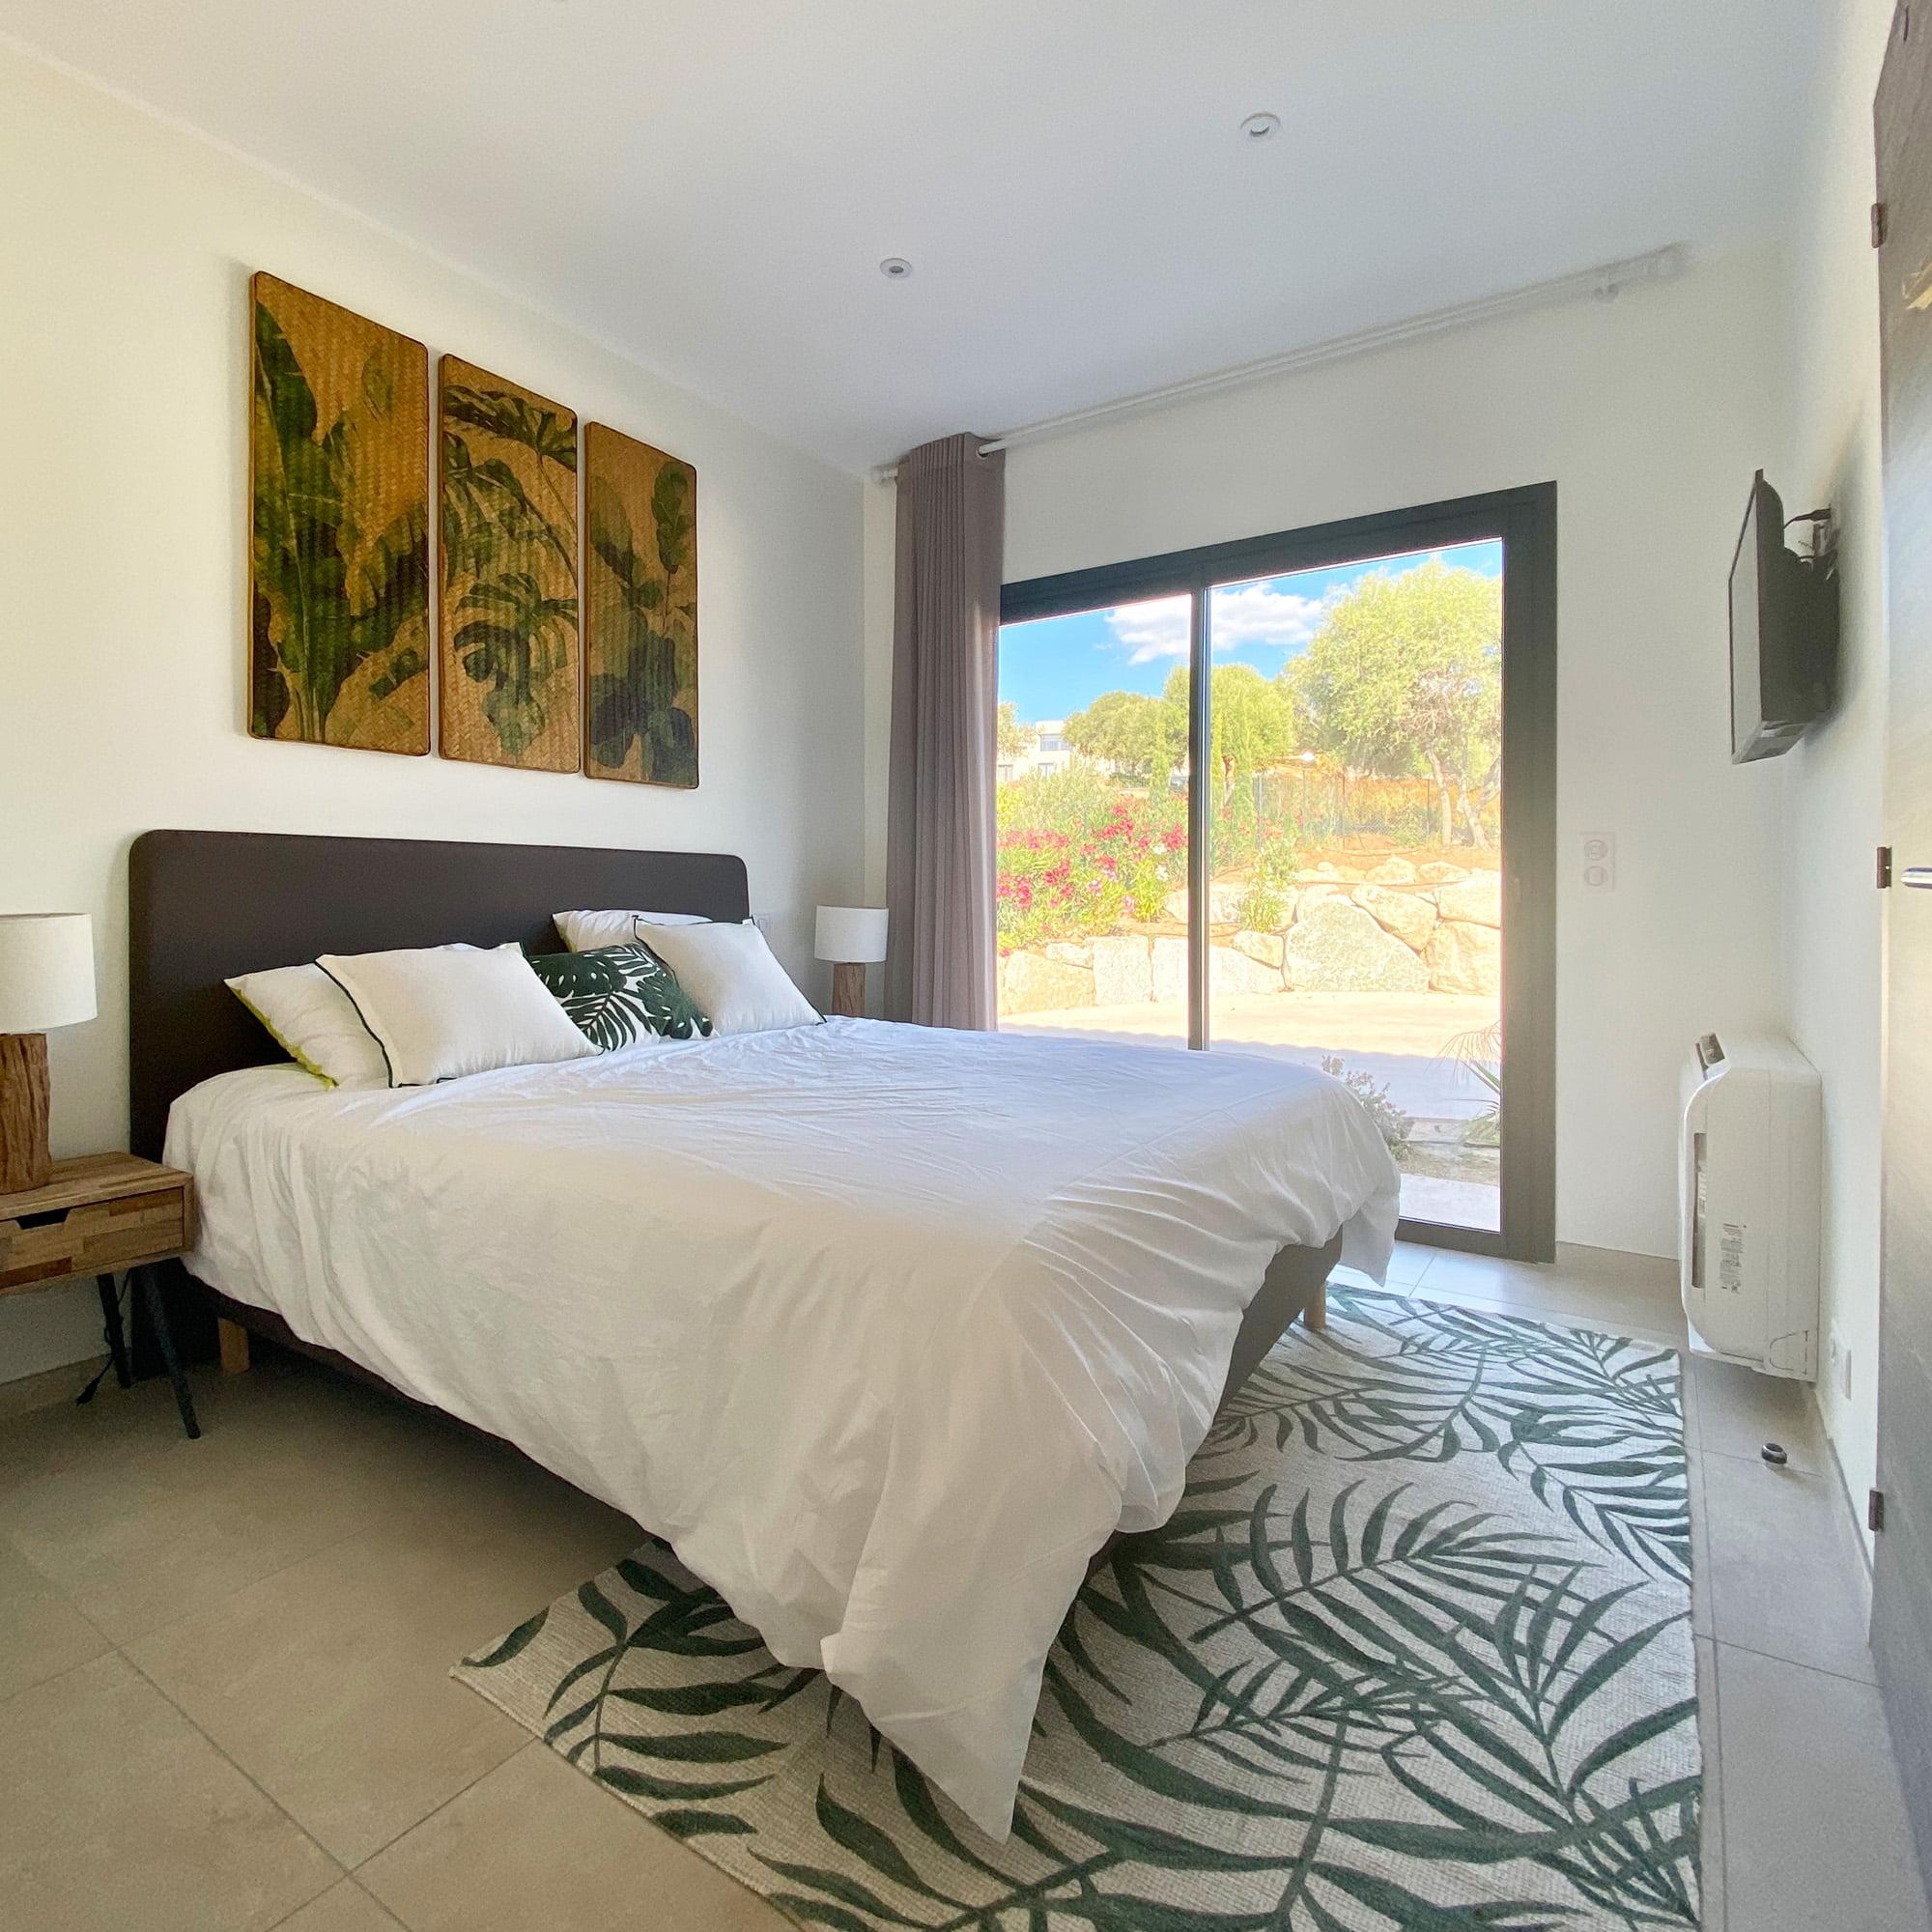 Villa corse agencement interieur chambre vue verte ls studio architecte intérieur vannes